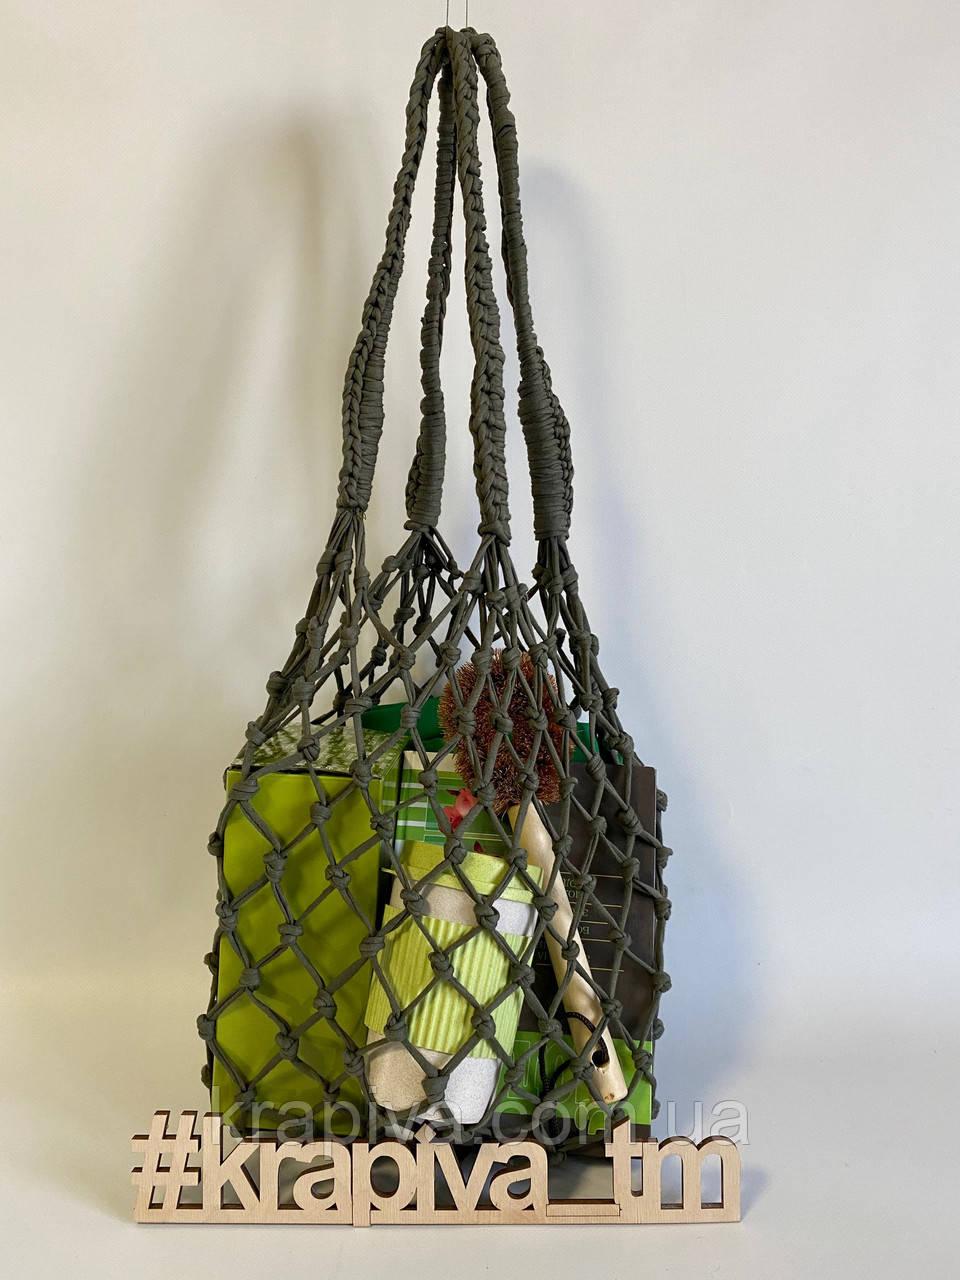 Эко-сумка, экосумка для покупок, торба шопер хлопок, авоська, экомешок